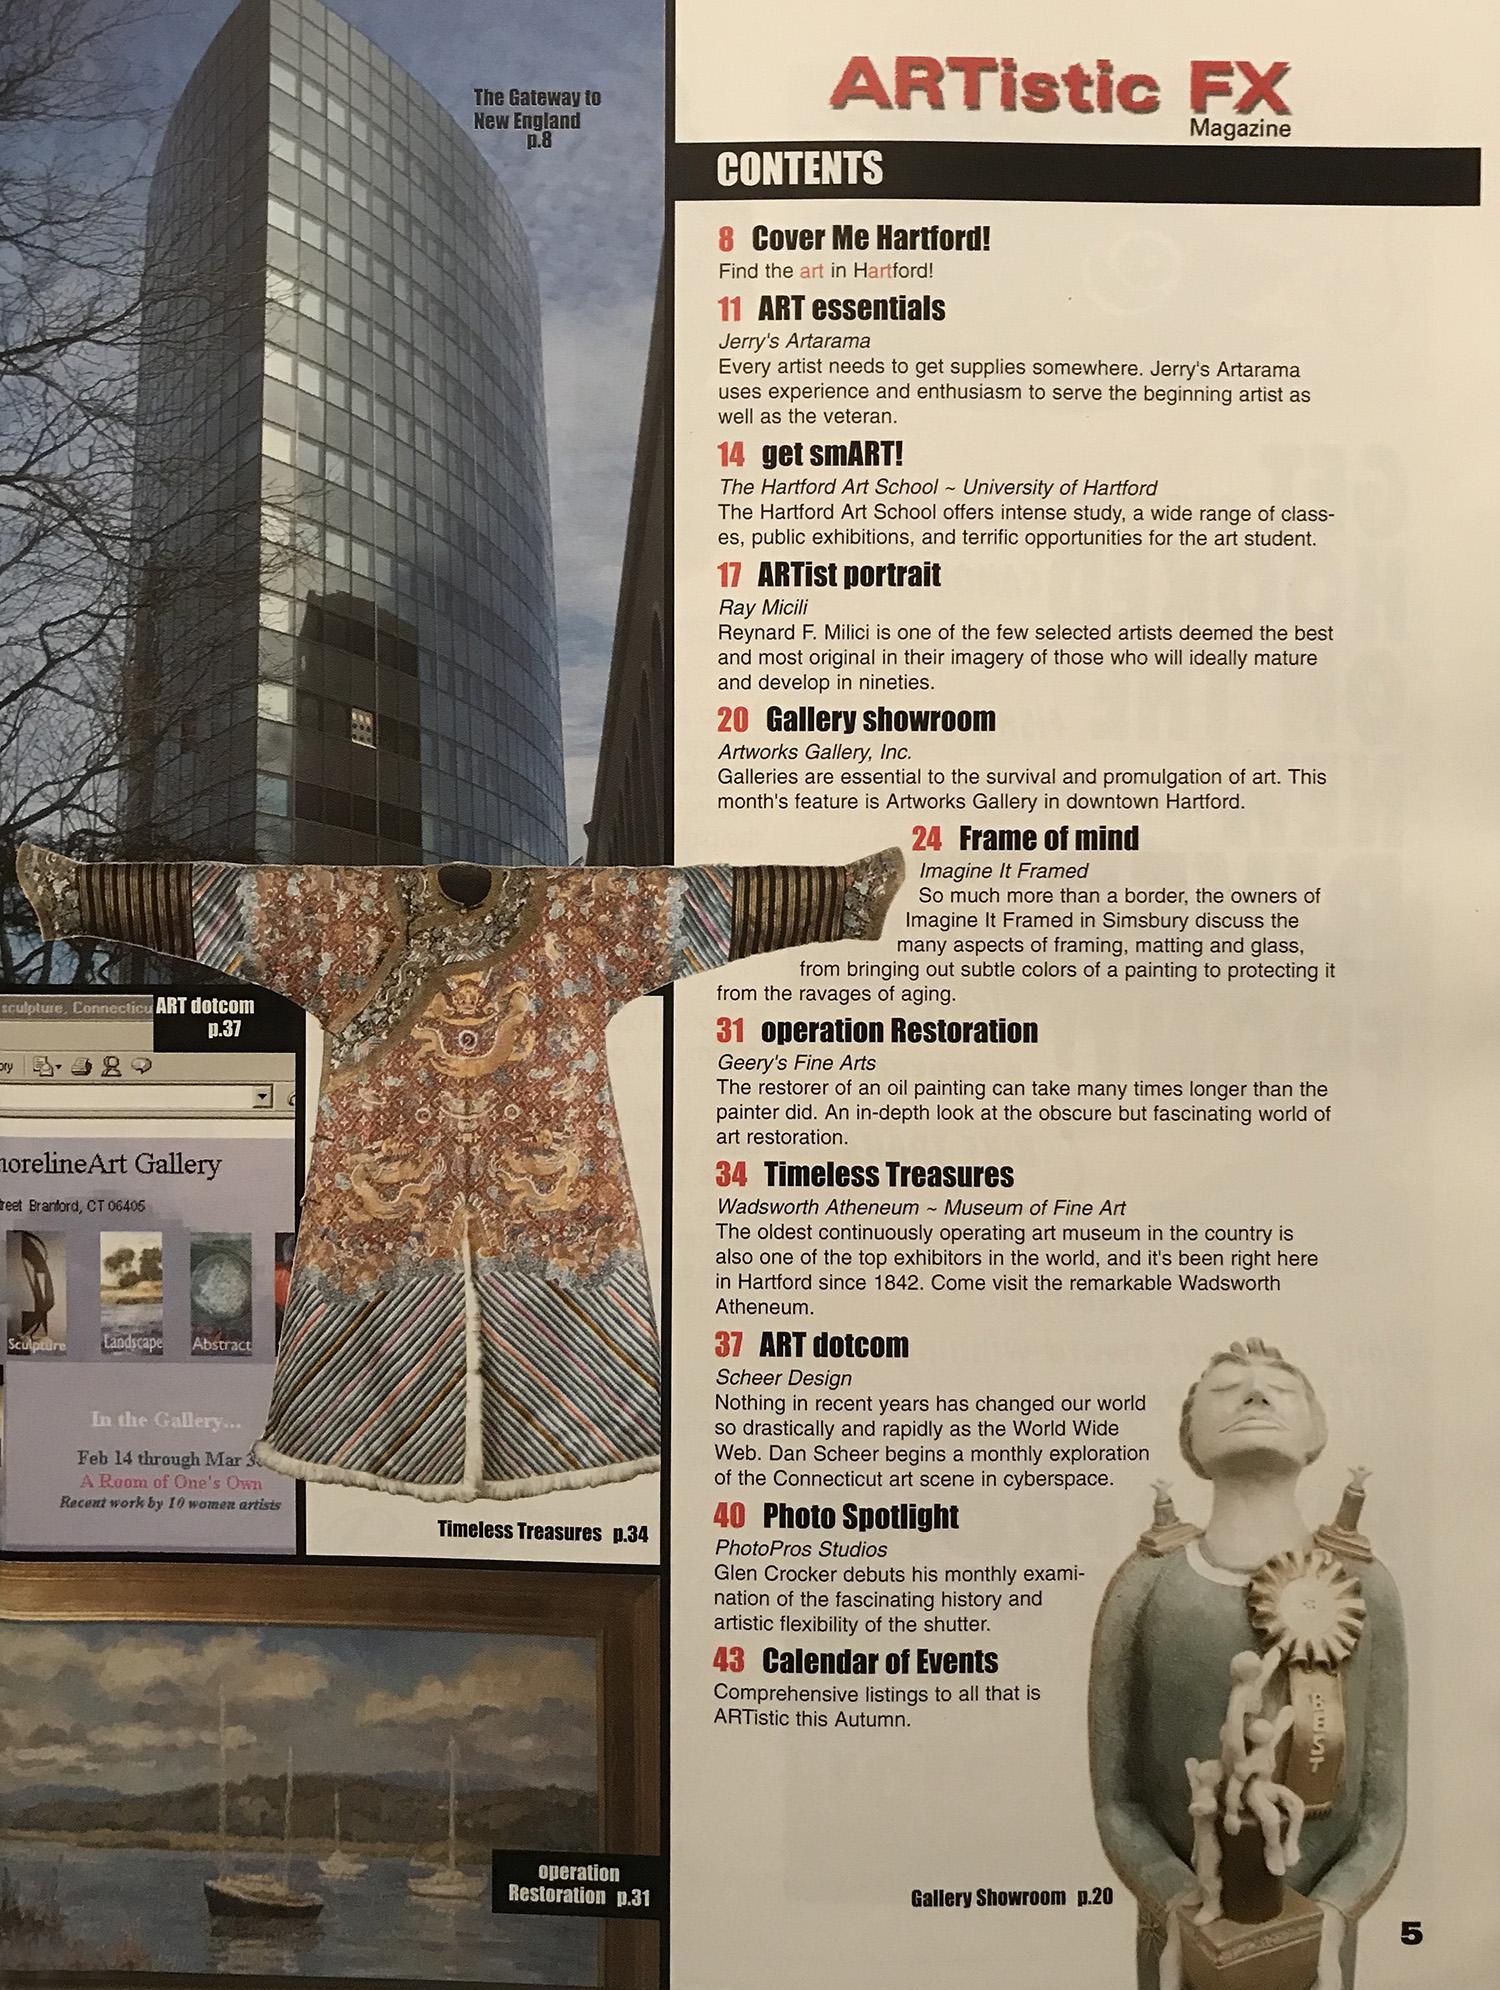 artistic-fx-magazine-pride-sculpture-artworksgallery.jpg